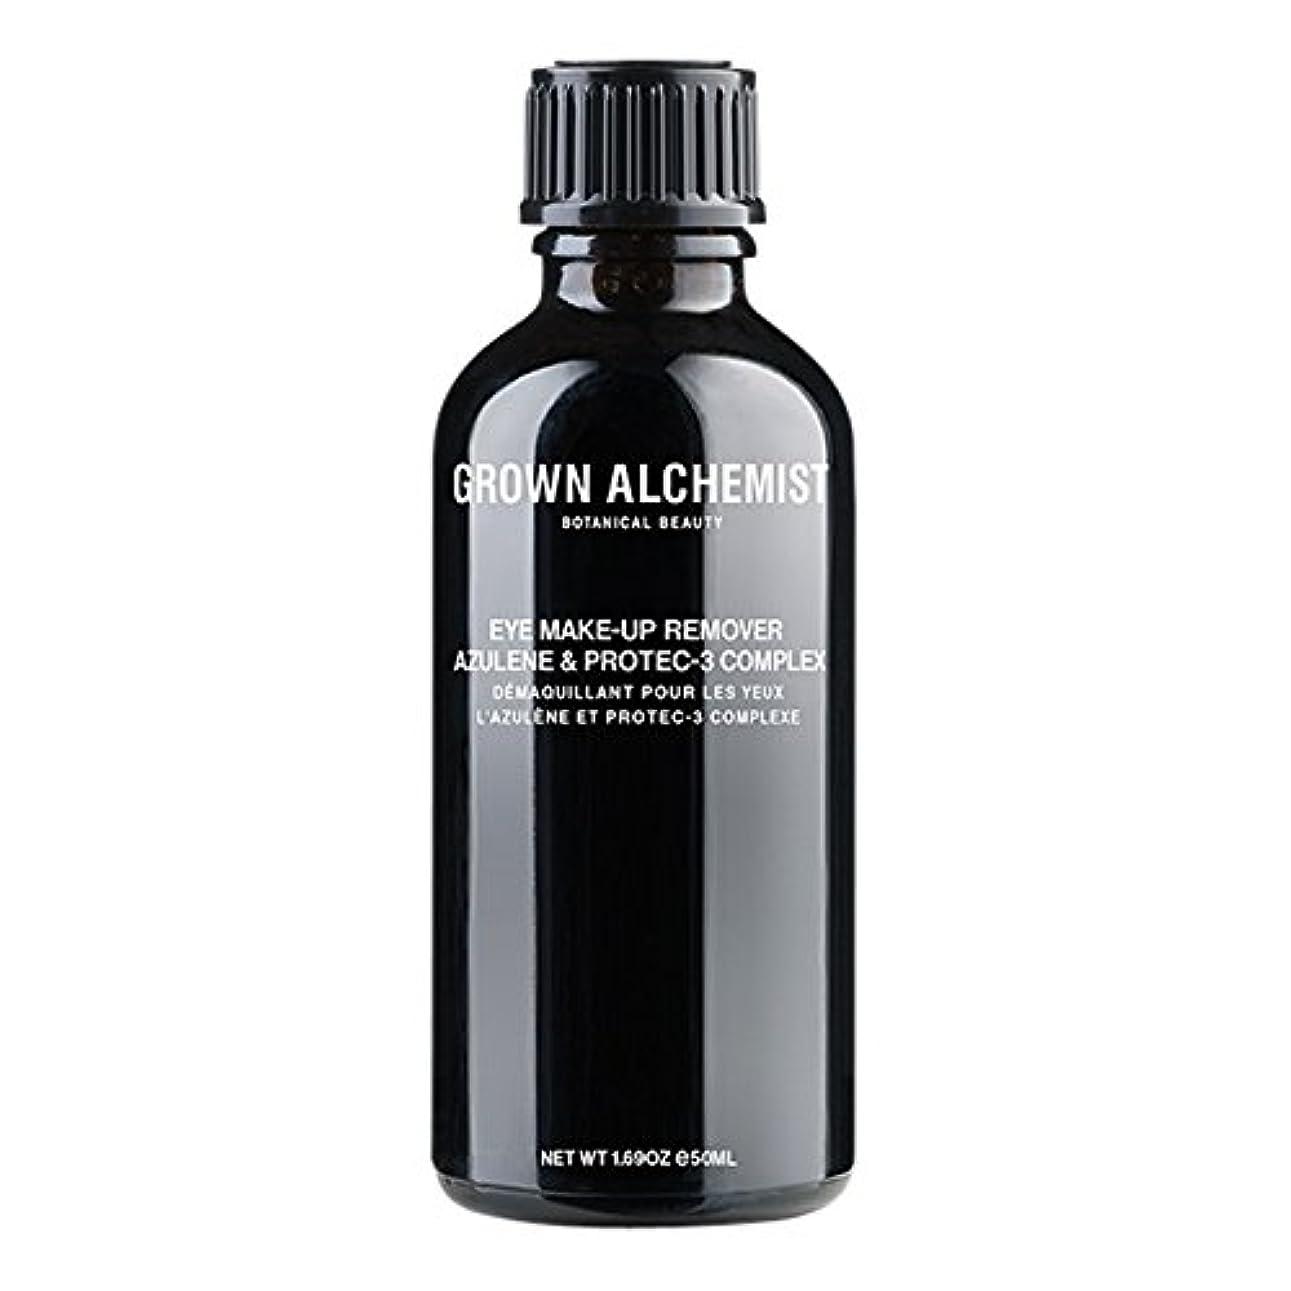 田舎アーティファクトケージ成長した錬金術師アズレン&Protec-3アイメイクアップリムーバーの50ミリリットル (Grown Alchemist) - Grown Alchemist Azulene & Protec-3 Eye-Makeup...